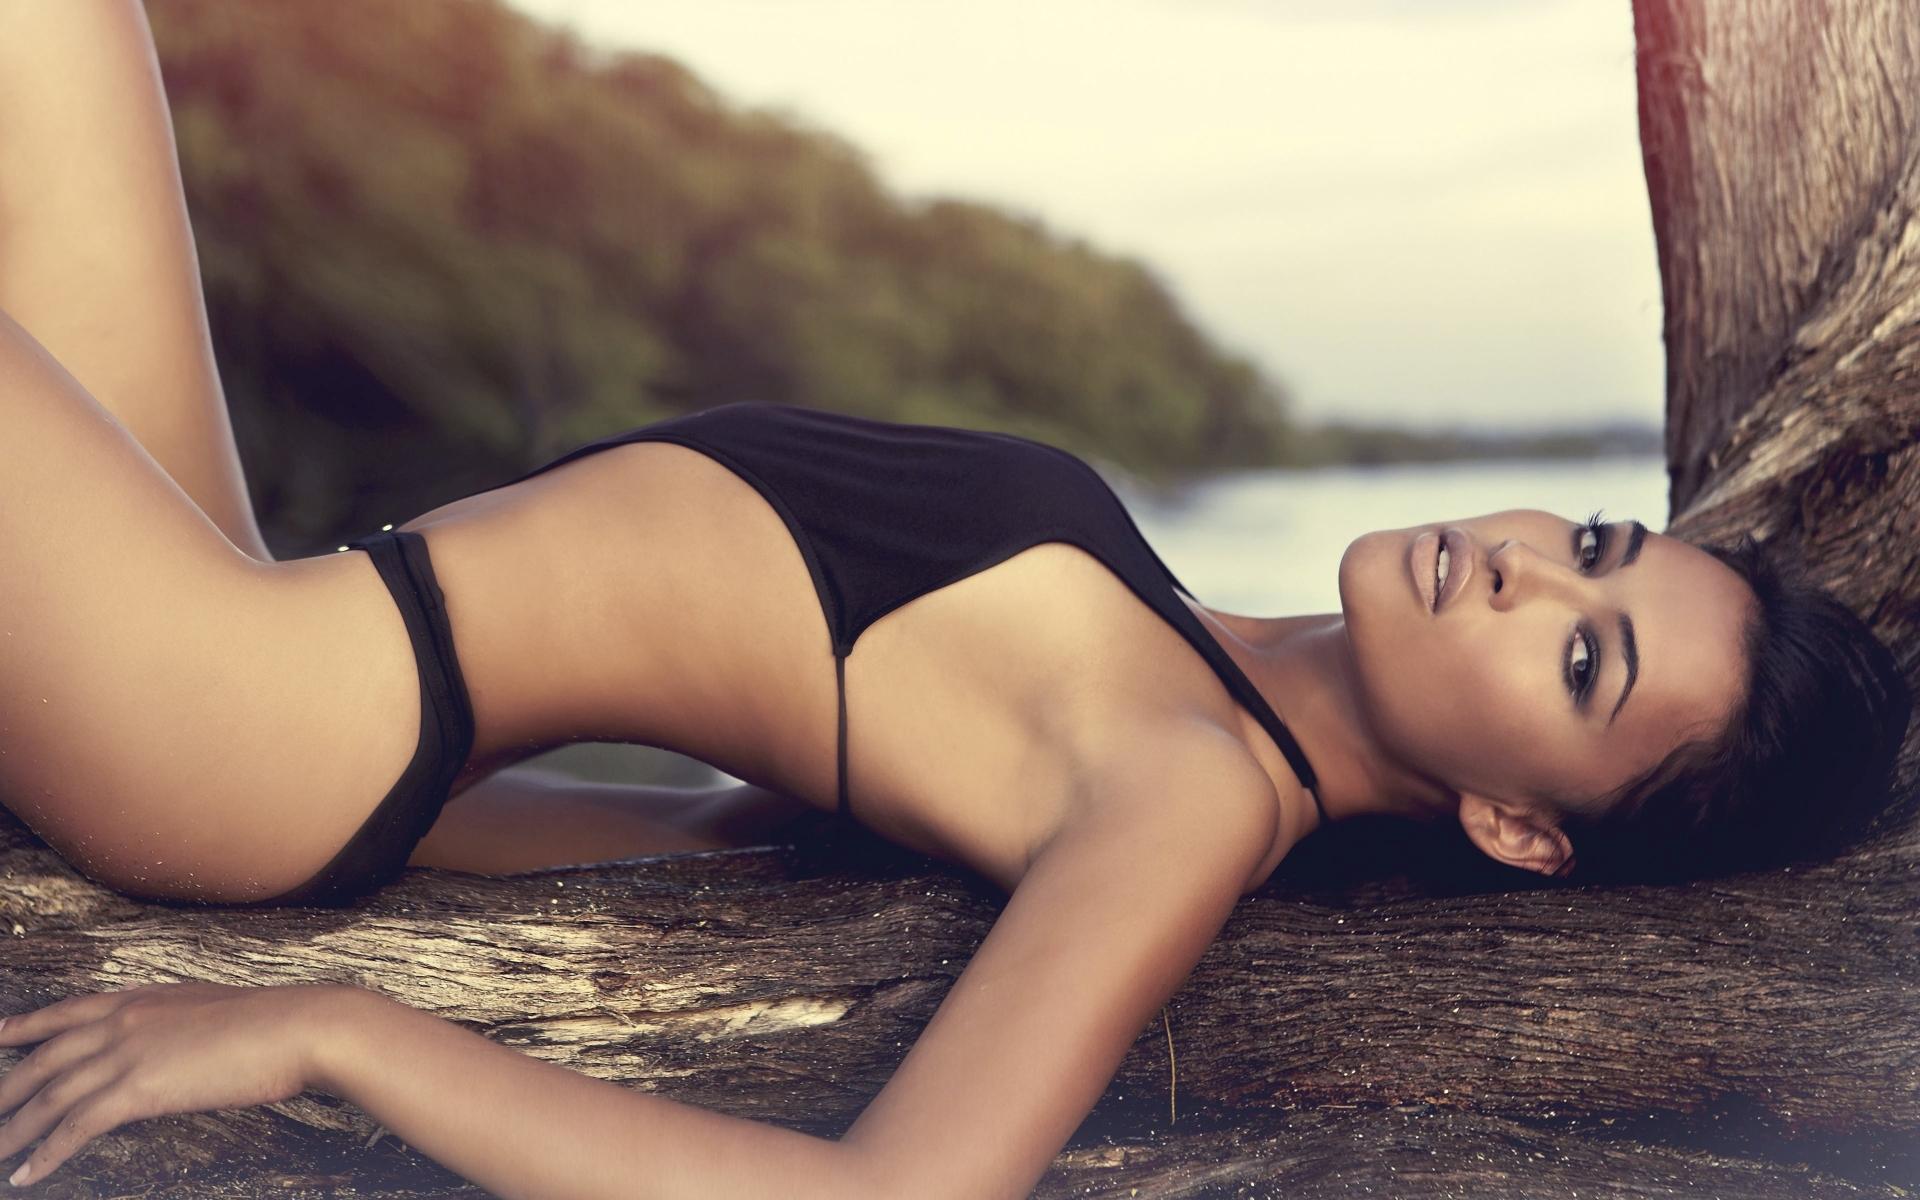 красивое тело женщины фото грабеж неизменные